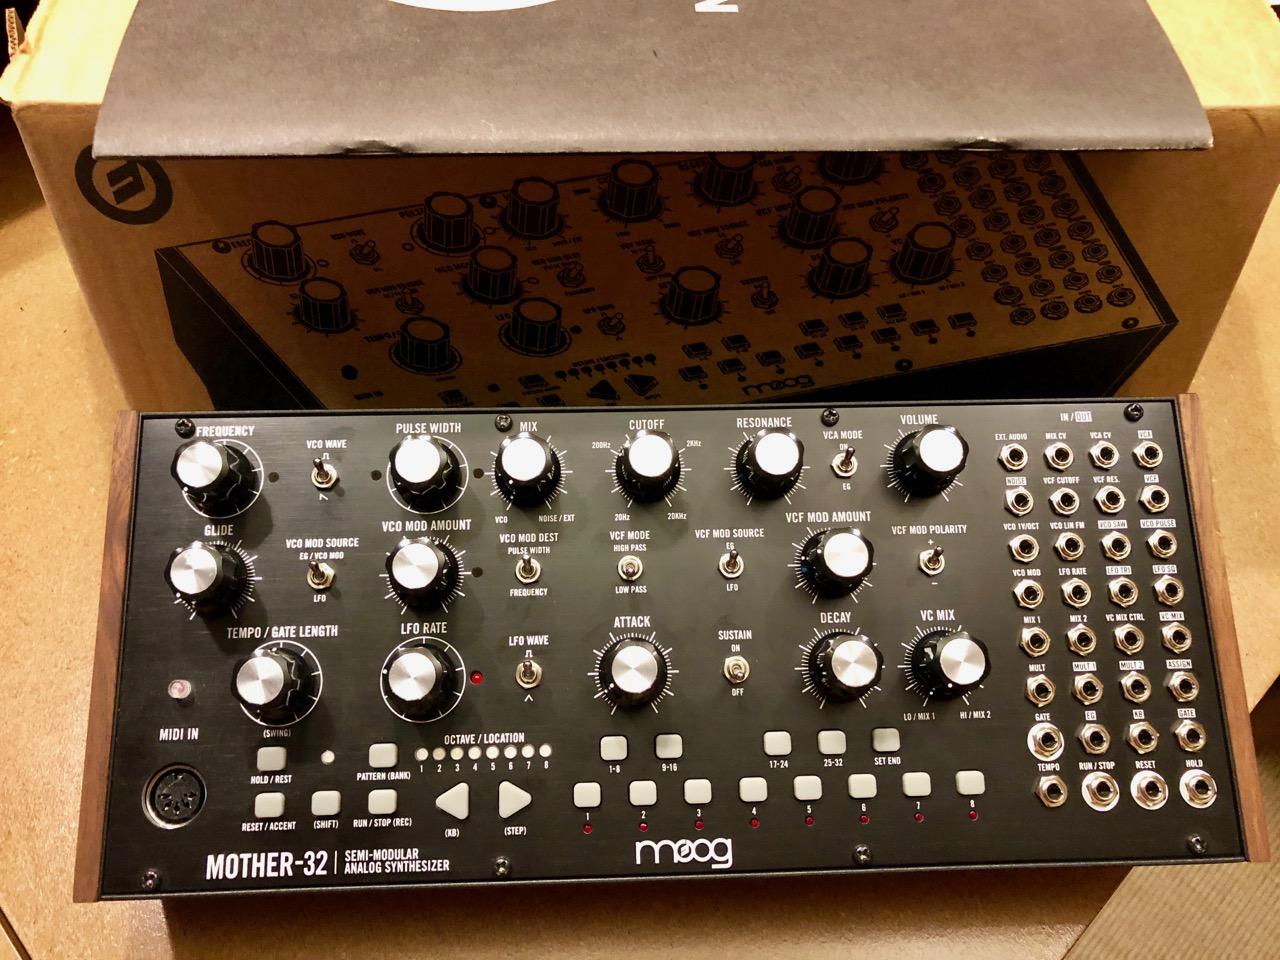 moog music mother 32 image 2054499 audiofanzine. Black Bedroom Furniture Sets. Home Design Ideas